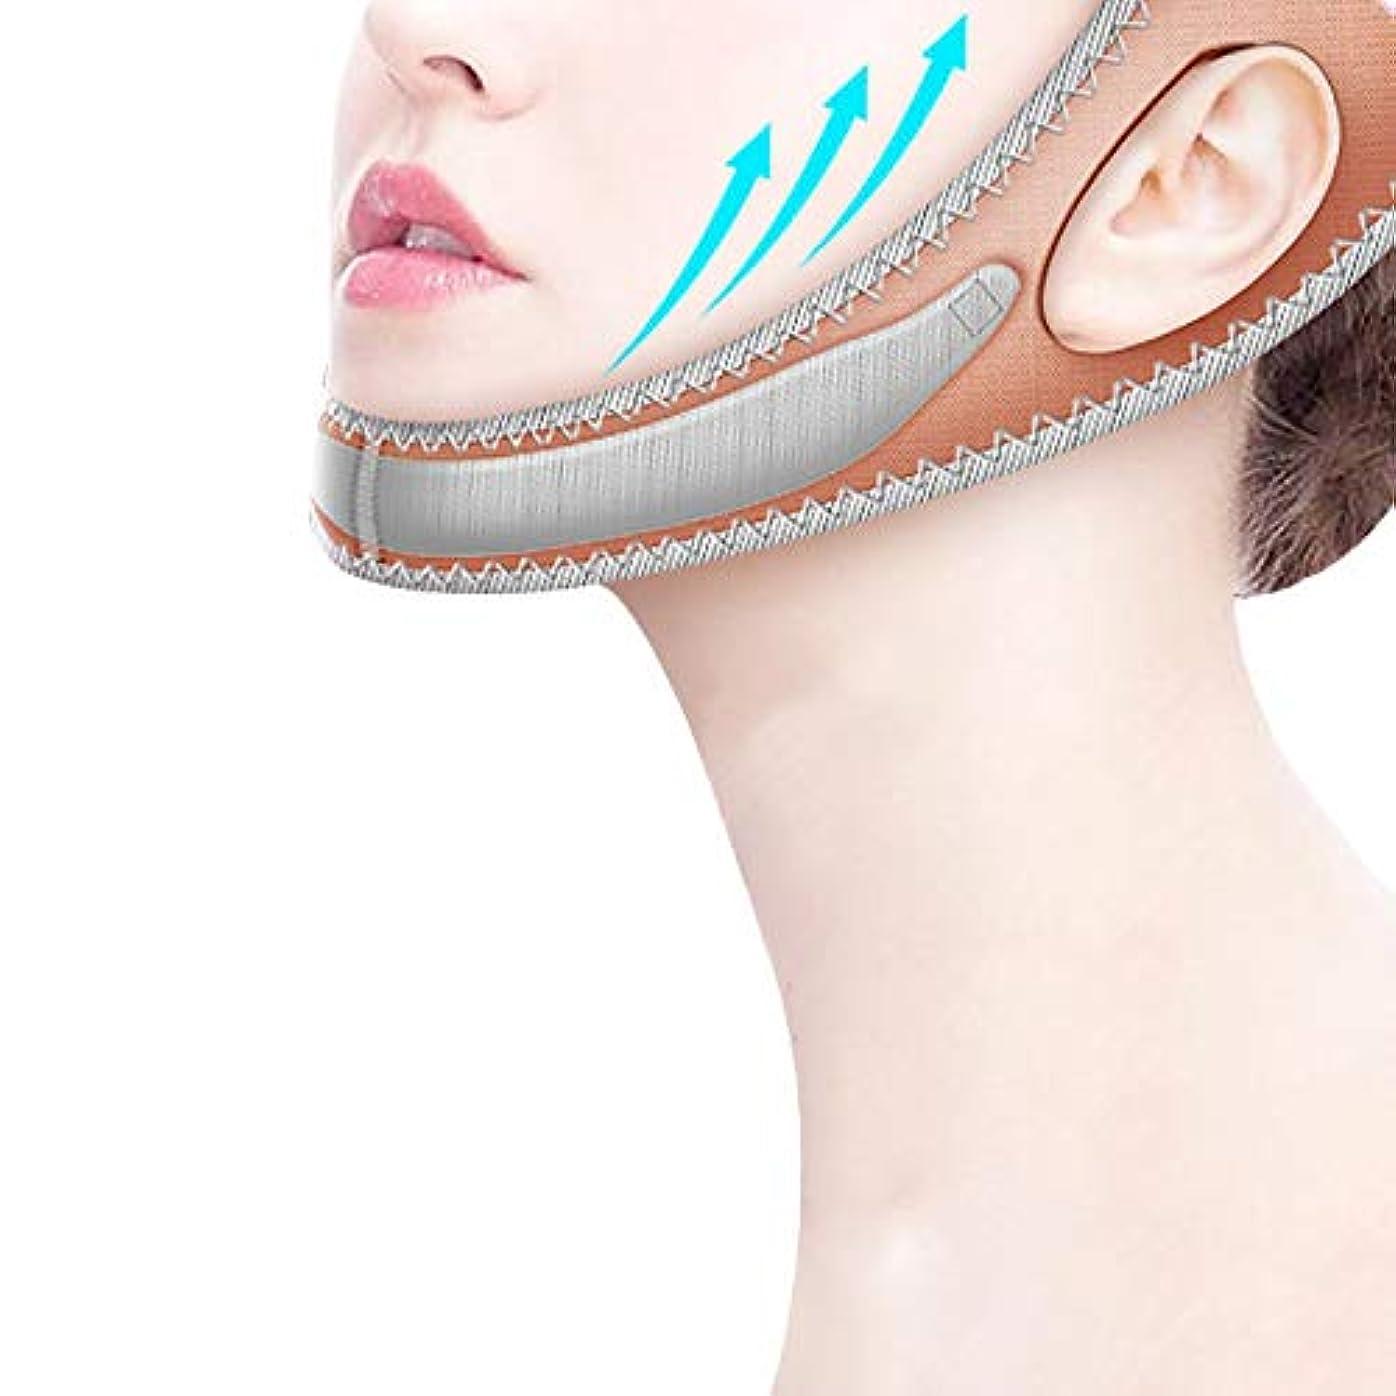 それに応じて獲物犯人二重あごのプラスチック面の人工物の器械の美顔術のマッサージャーの近くで持ち上がる小さいVの表面の器械の包帯のマスクとの睡眠